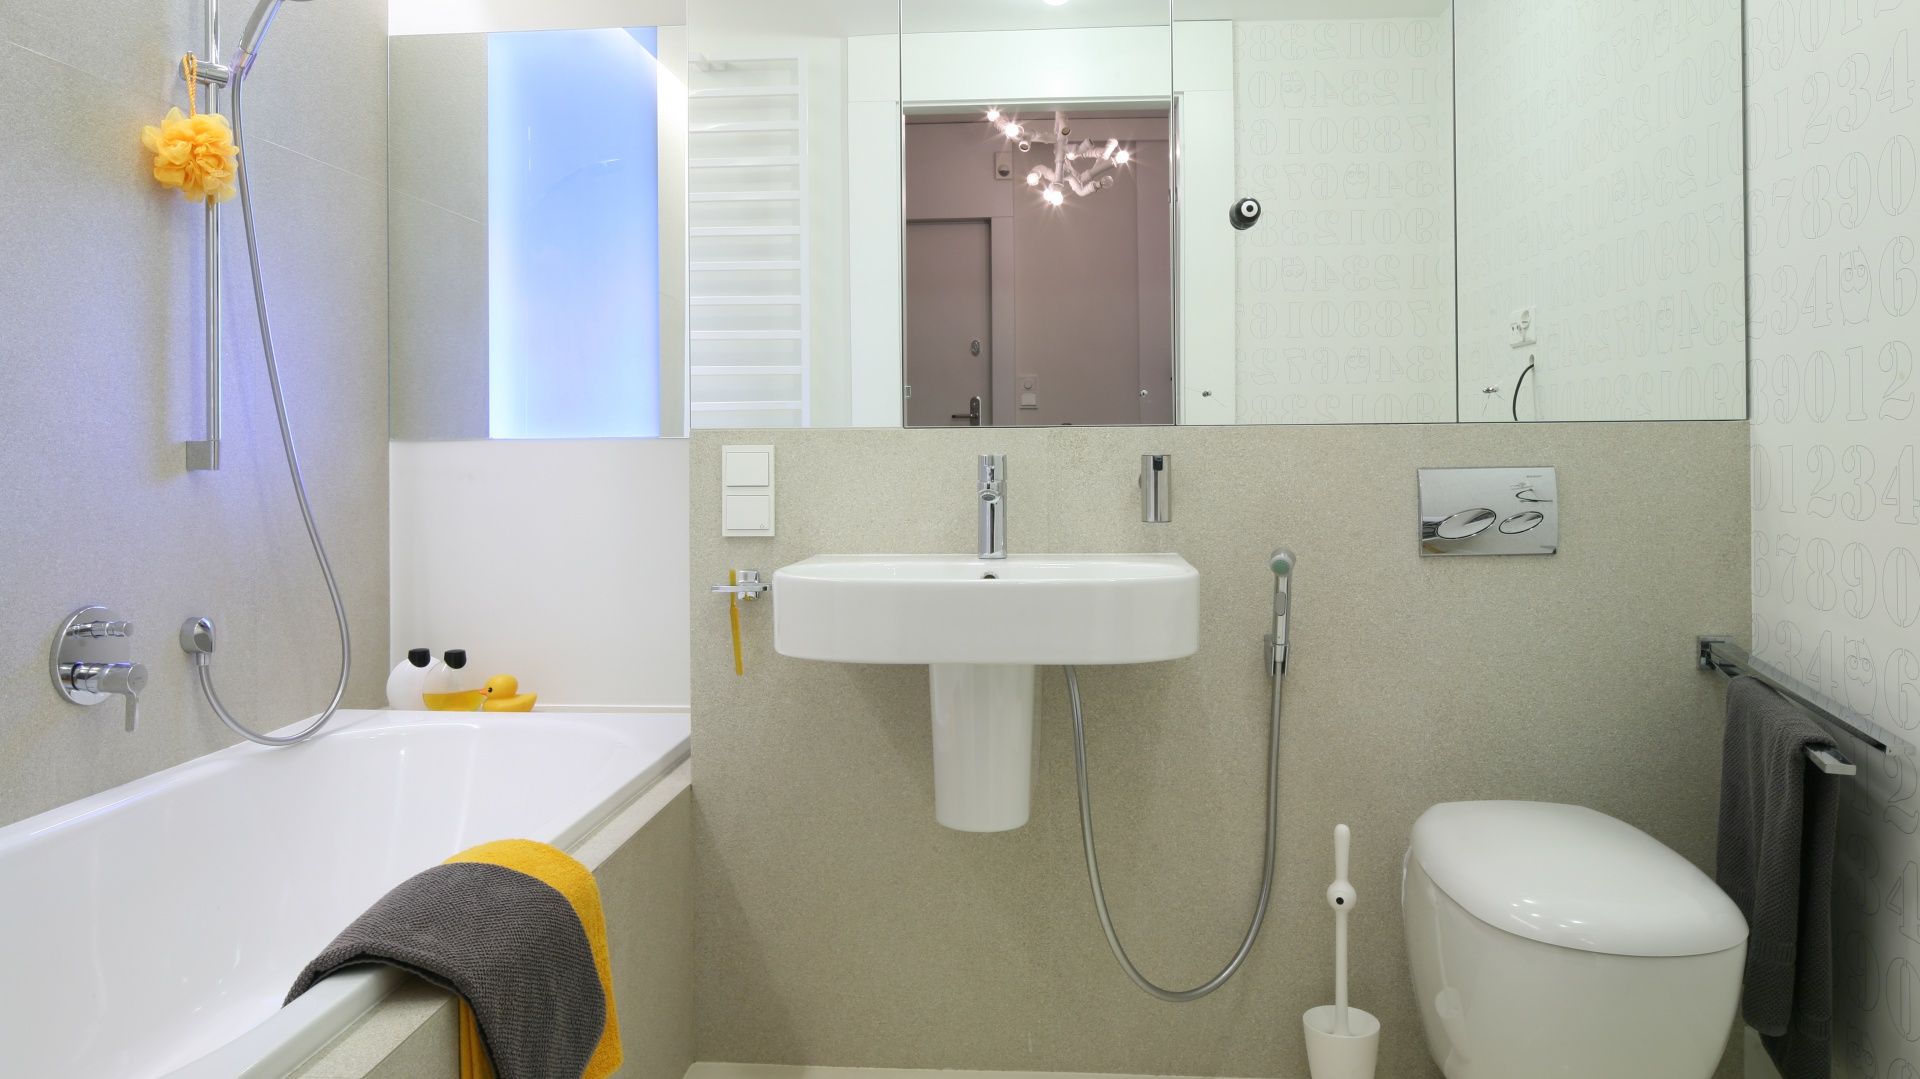 W tej niewielkiej łazienka udało się wygospodarować wygodne miejsce na wannę. Na środku umieszczono baterię podtynkową wraz z zestawem prysznicowym. Lustro umieszczone na całej szerokości ściany optycznie powiększa wnętrze. Projekt: Michał Dudko, Katarzyna Dudko. Fot. Bartosz Jarosz.